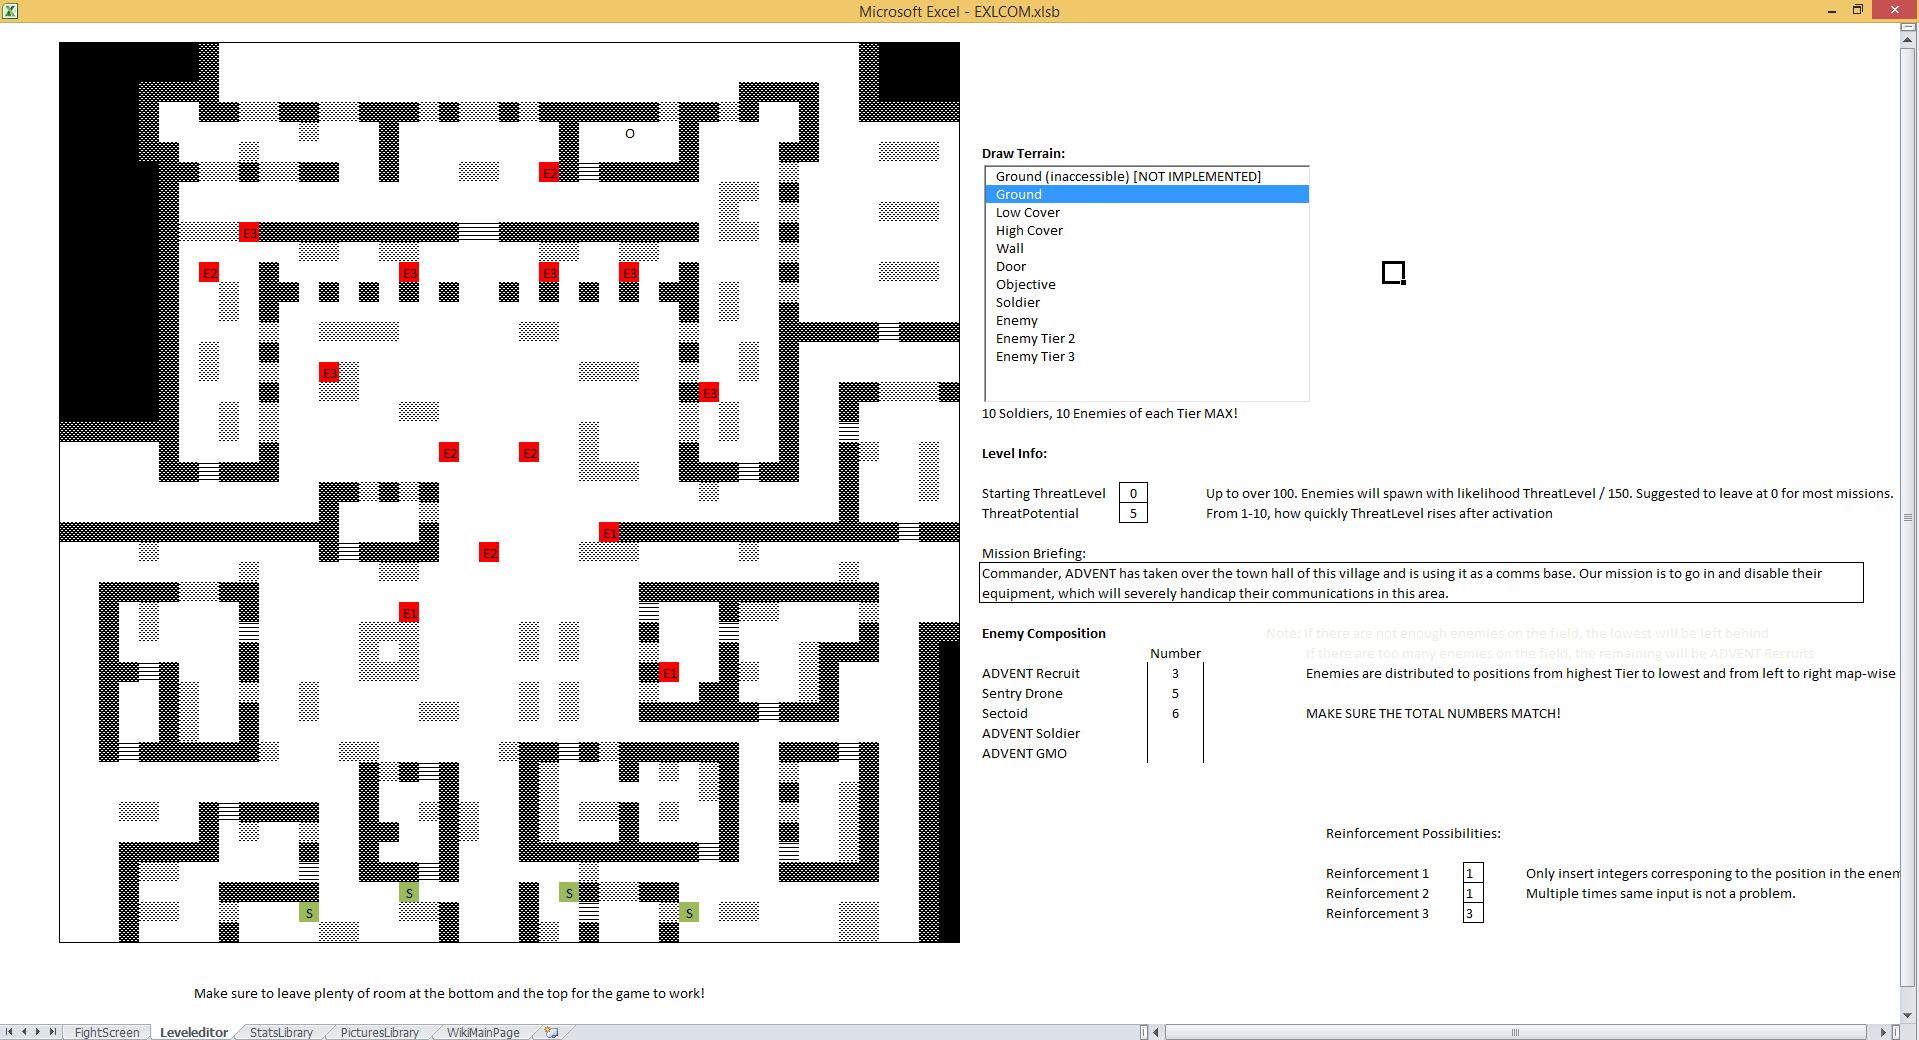 Coder Creates Version Of Xcom In Excel